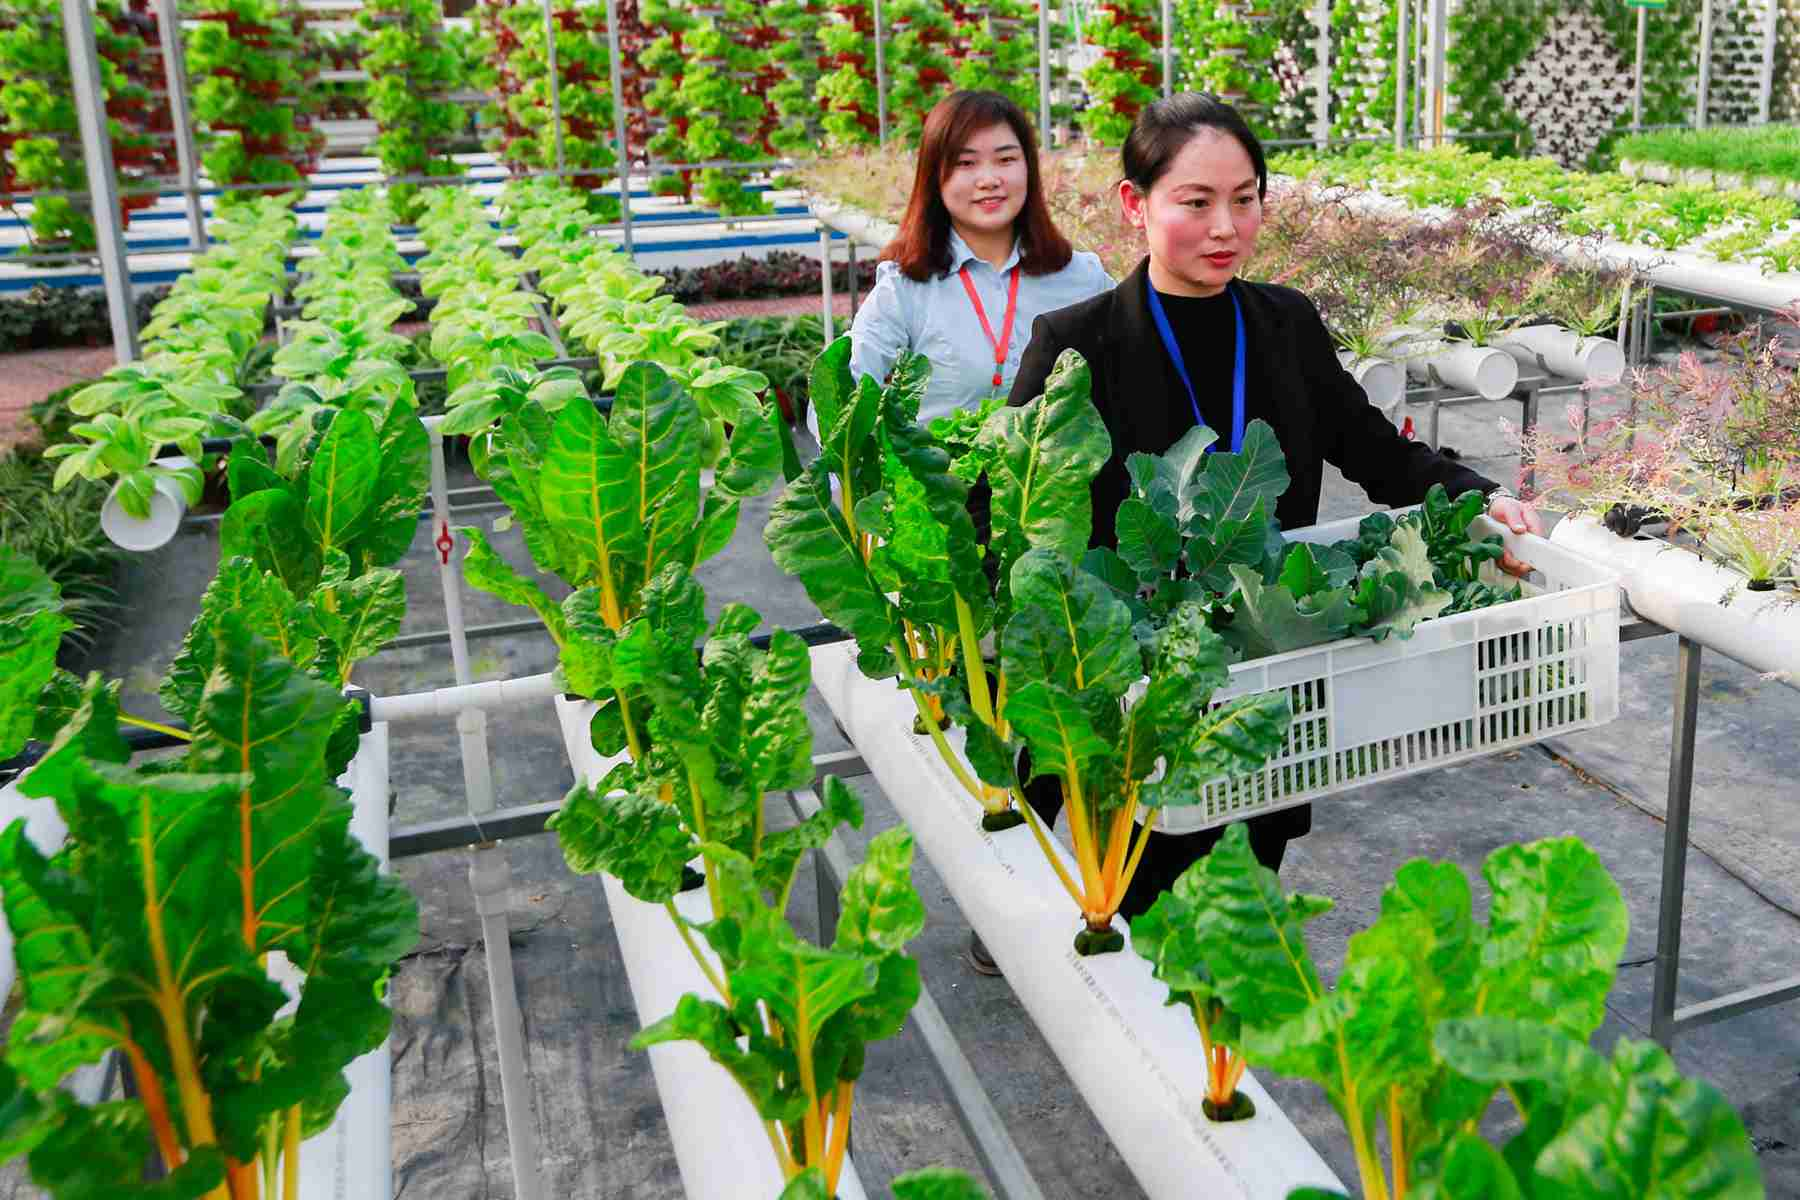 农业农村部:近期蔬菜价格上涨属于正常的季节性波动 寿光蔬菜受灾对全国蔬菜市场供给影响有限